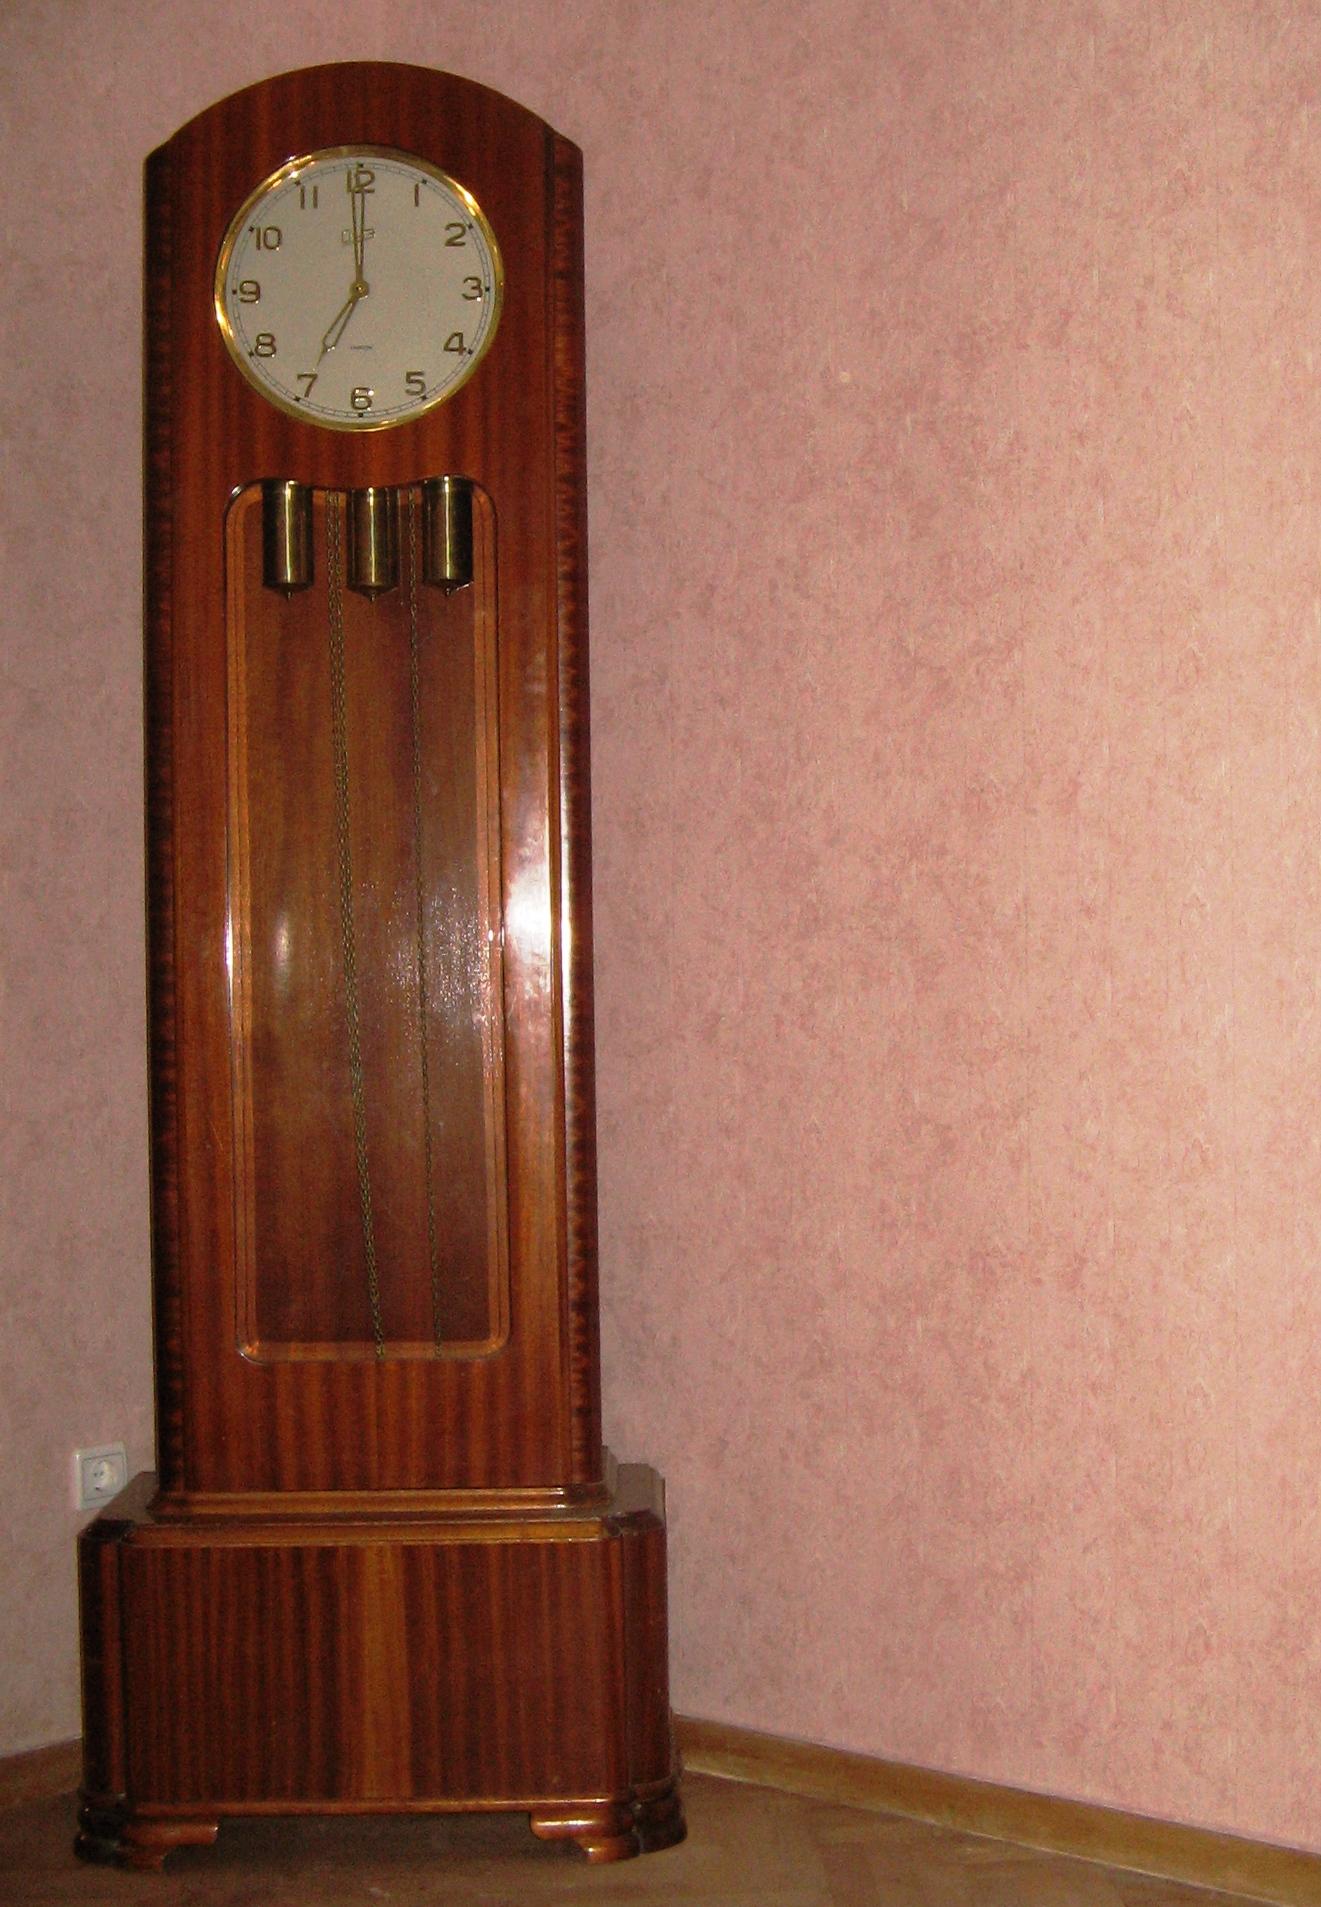 Продать часы напольные янтарь работы тепловоза стоимость одного часа